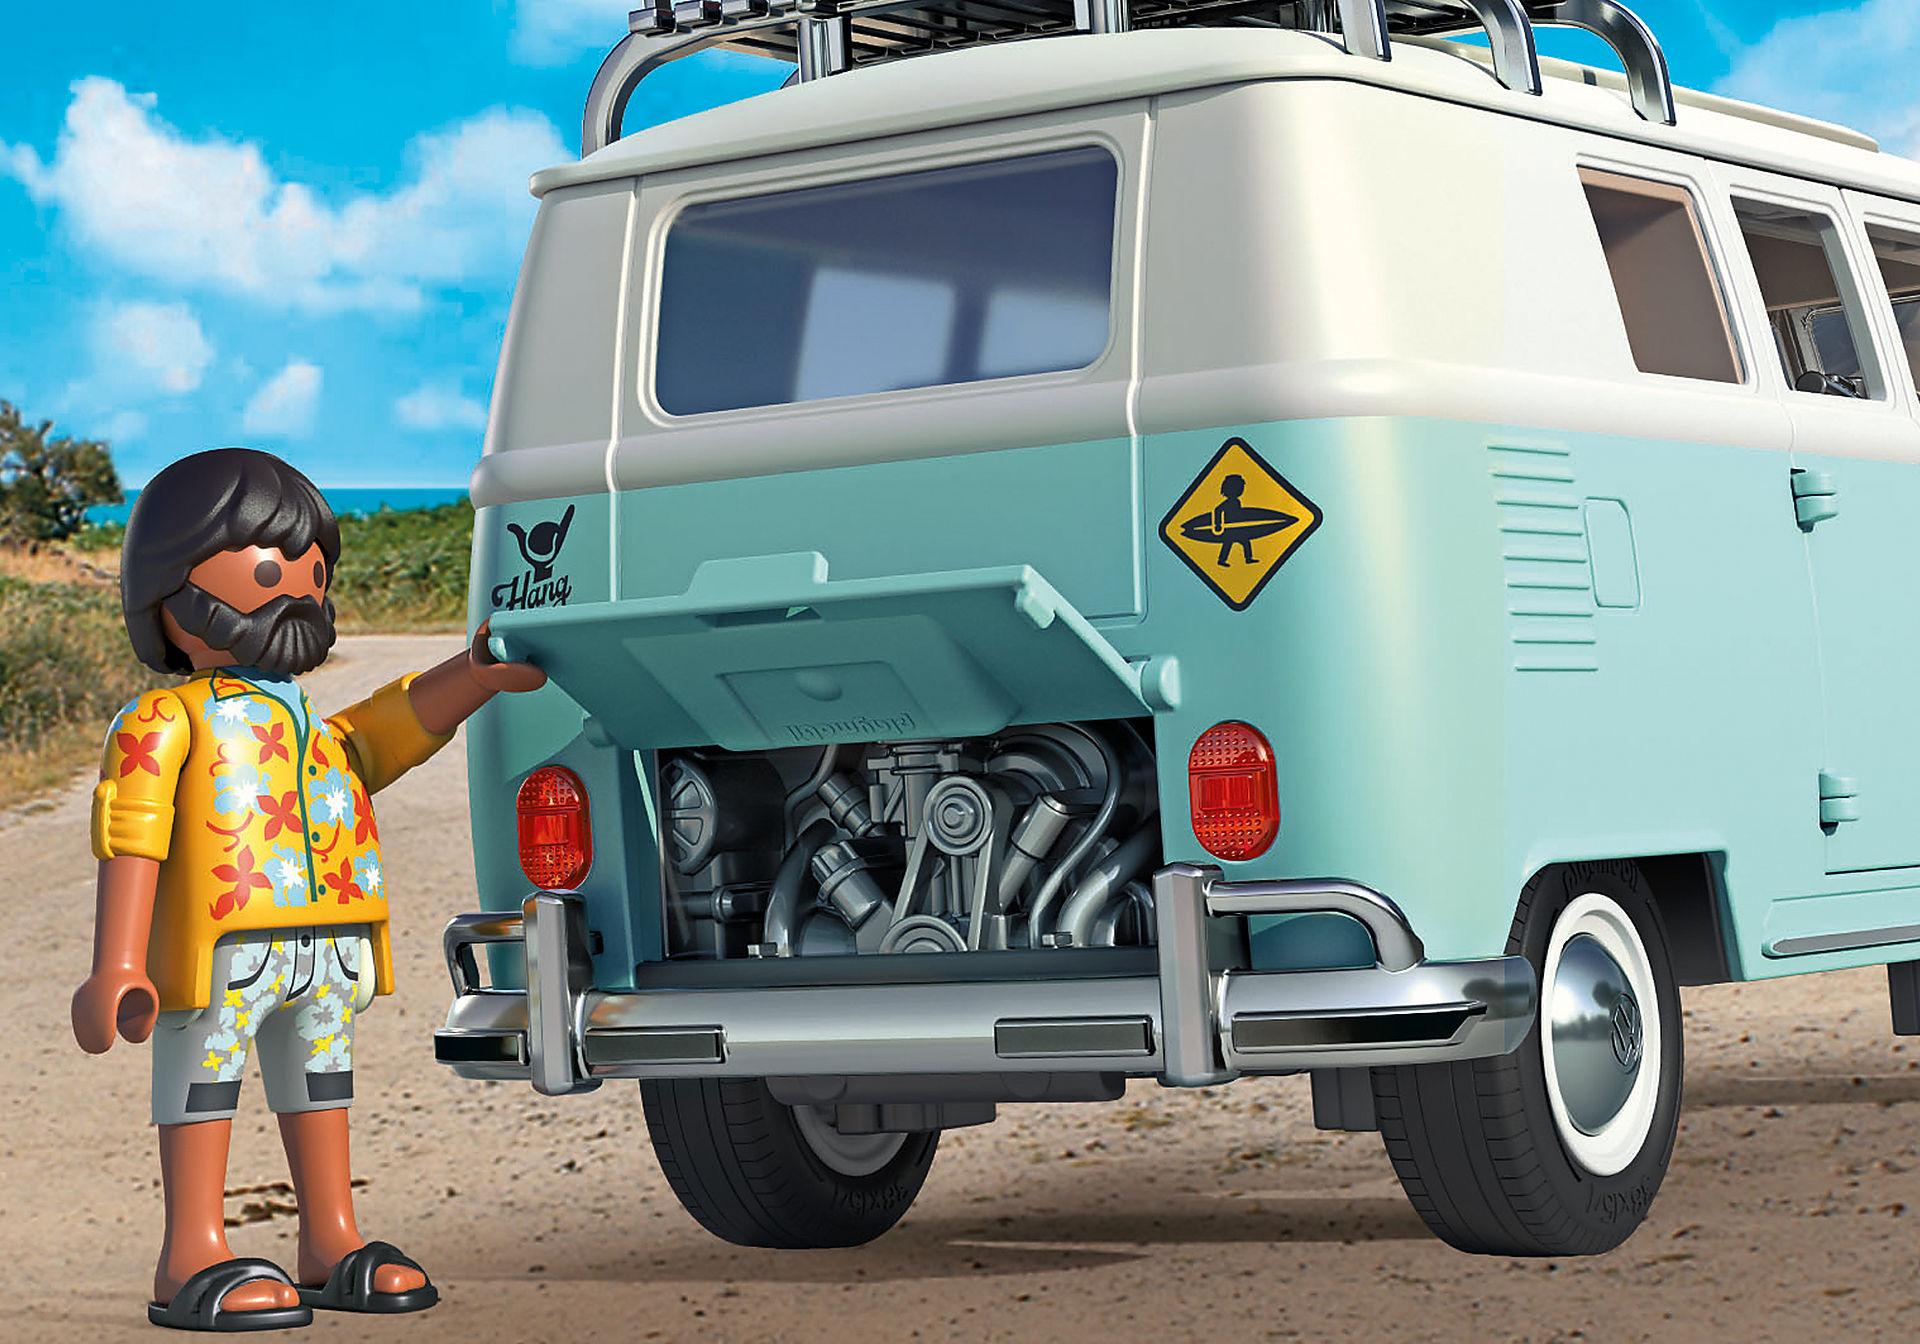 70826 Volkswagen T1 Camping Bus - Edición especial zoom image9